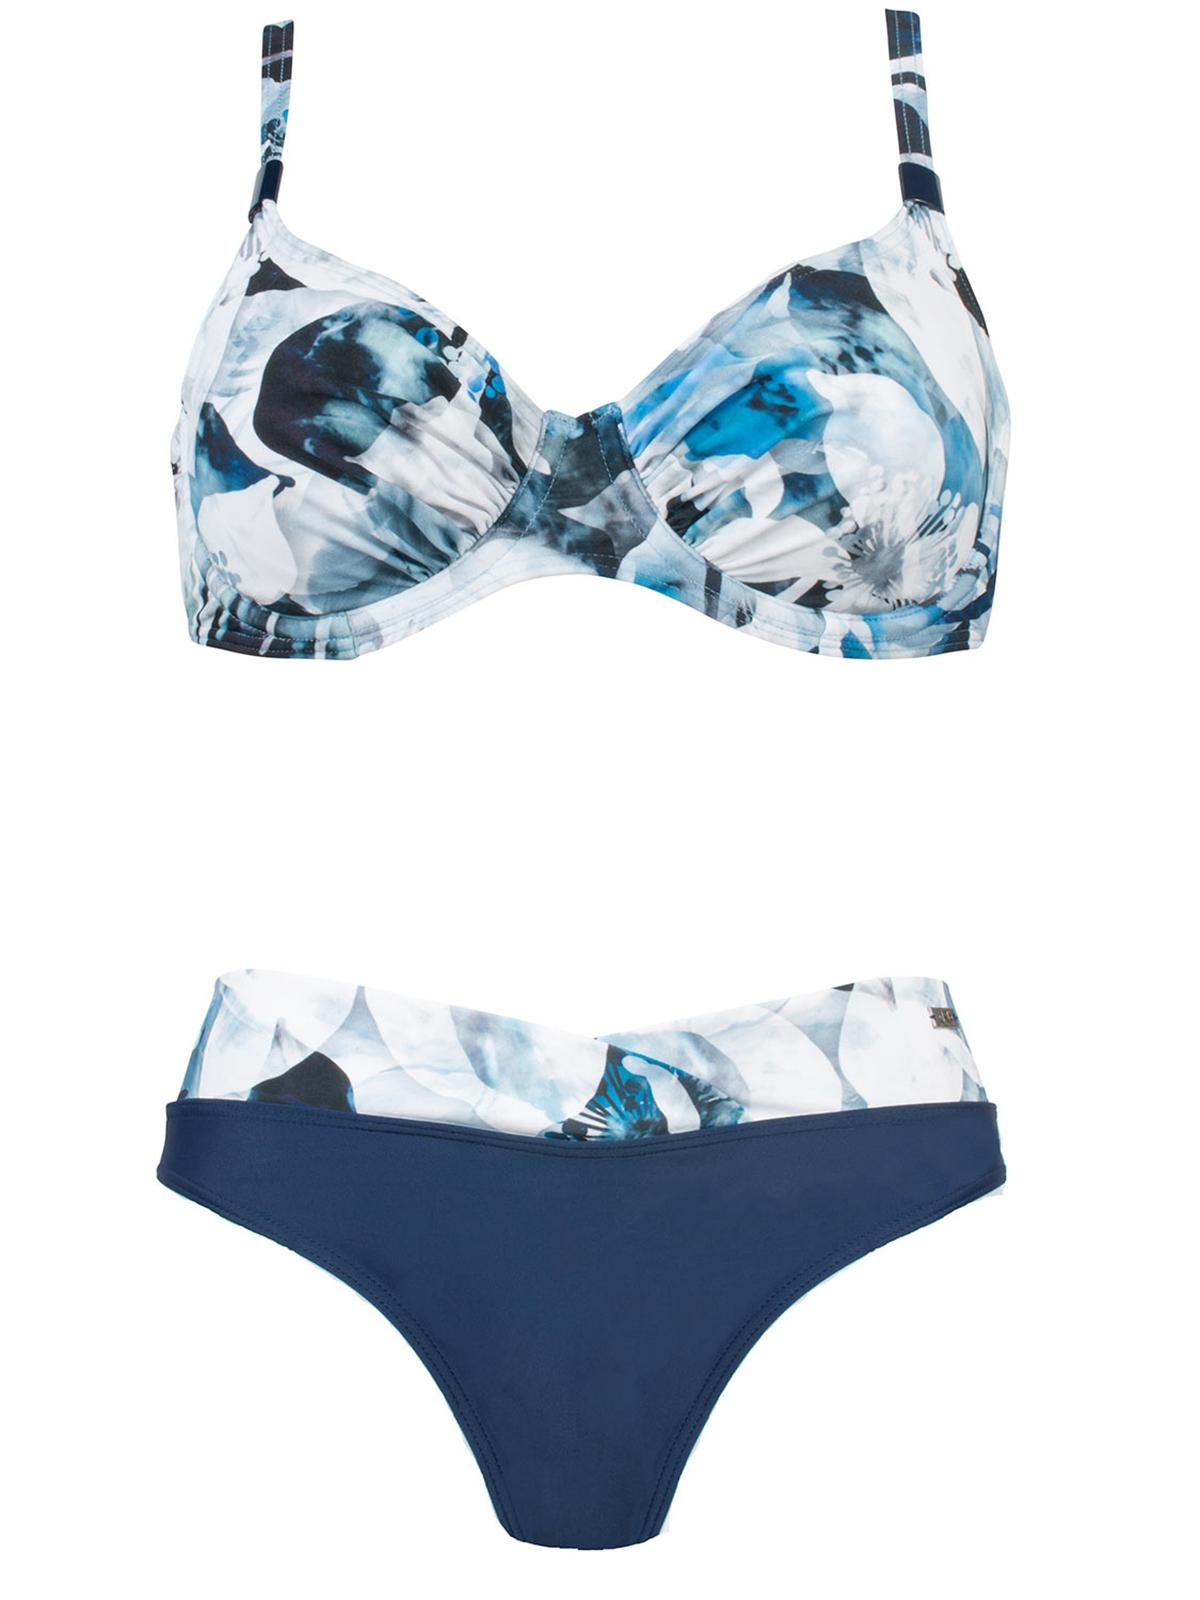 NATURANA Bügel Bikini 72478